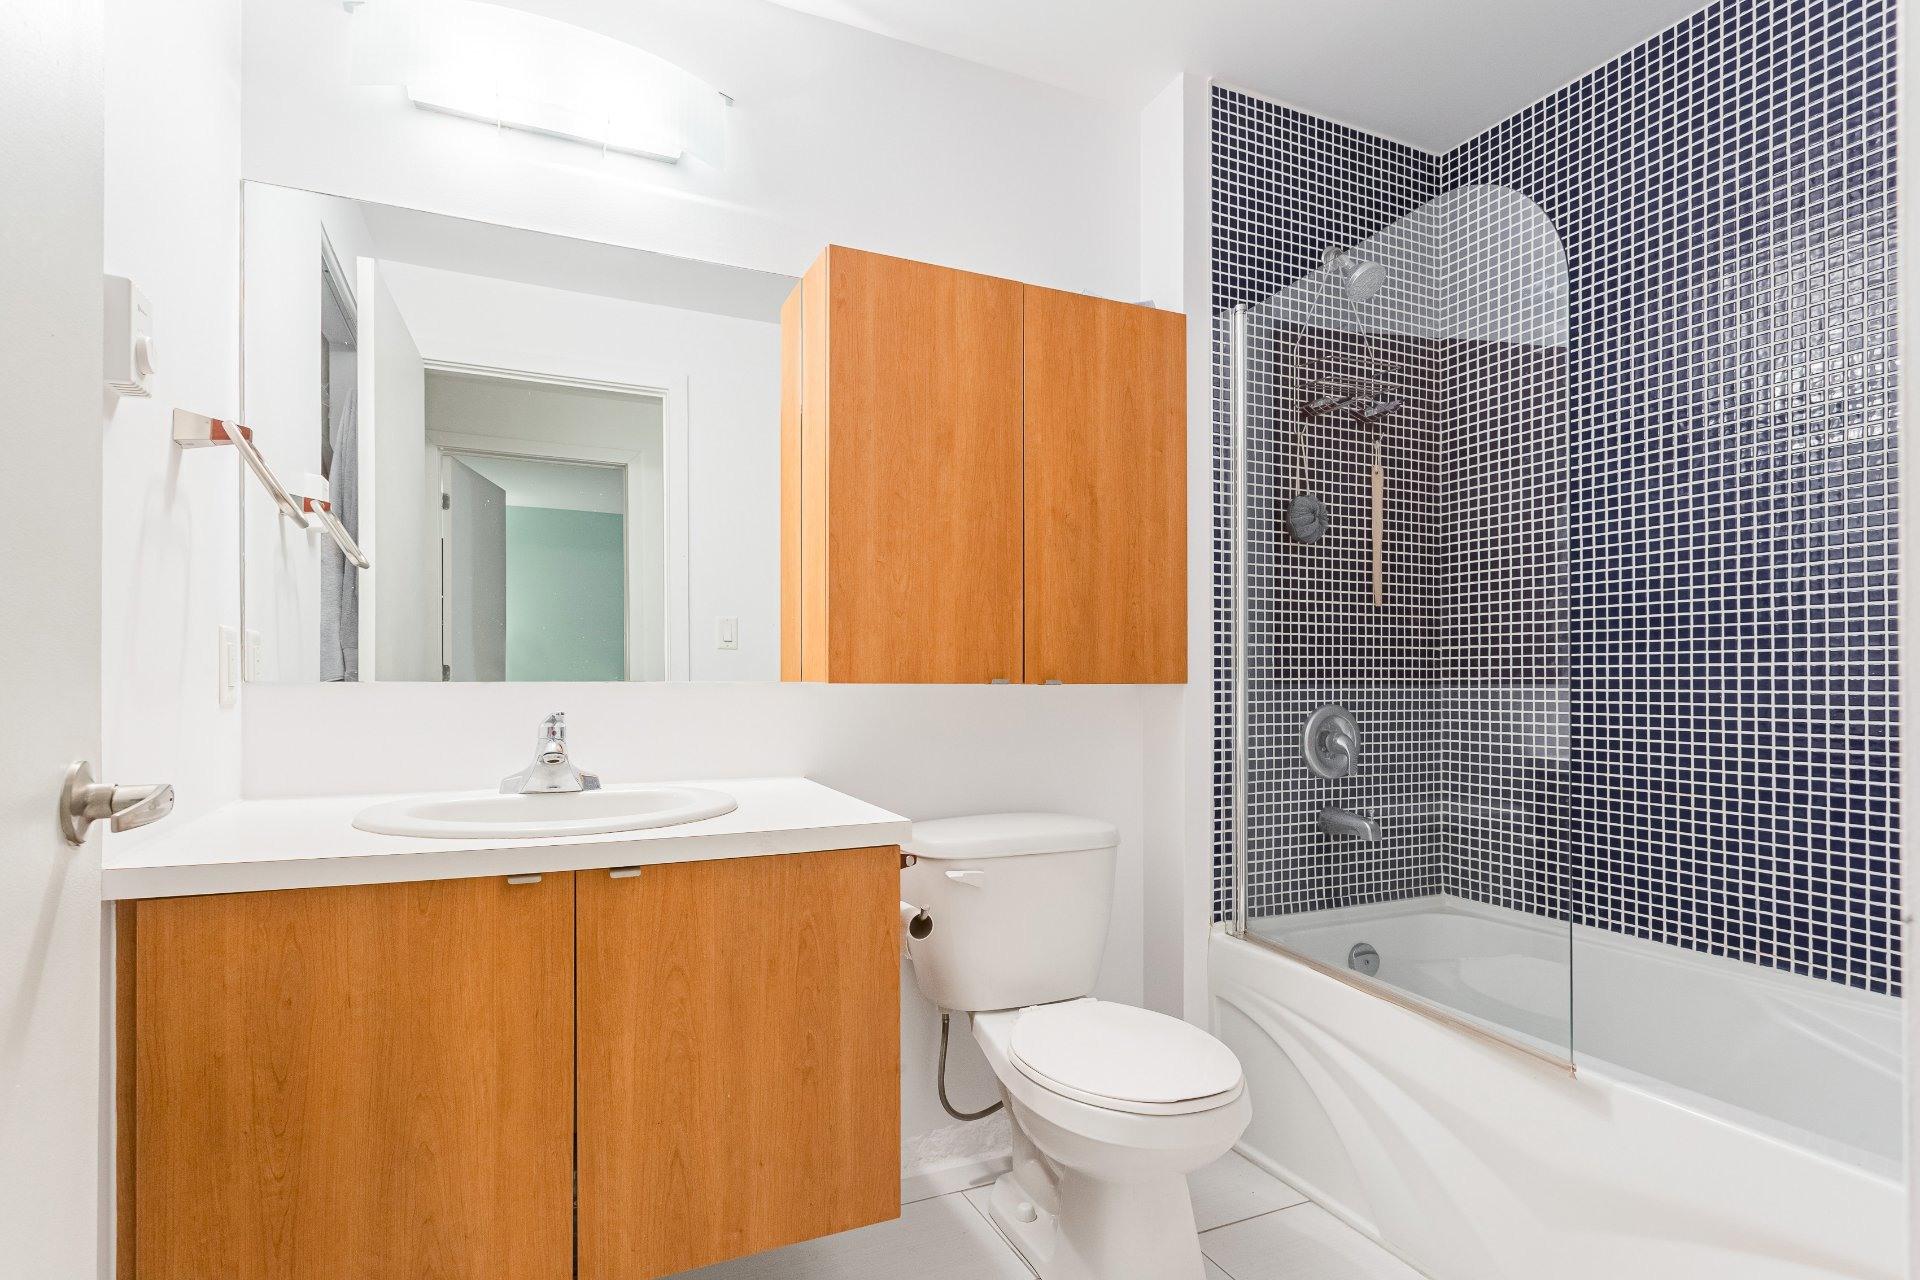 image 15 - Apartment For sale Mercier/Hochelaga-Maisonneuve Montréal  - 4 rooms